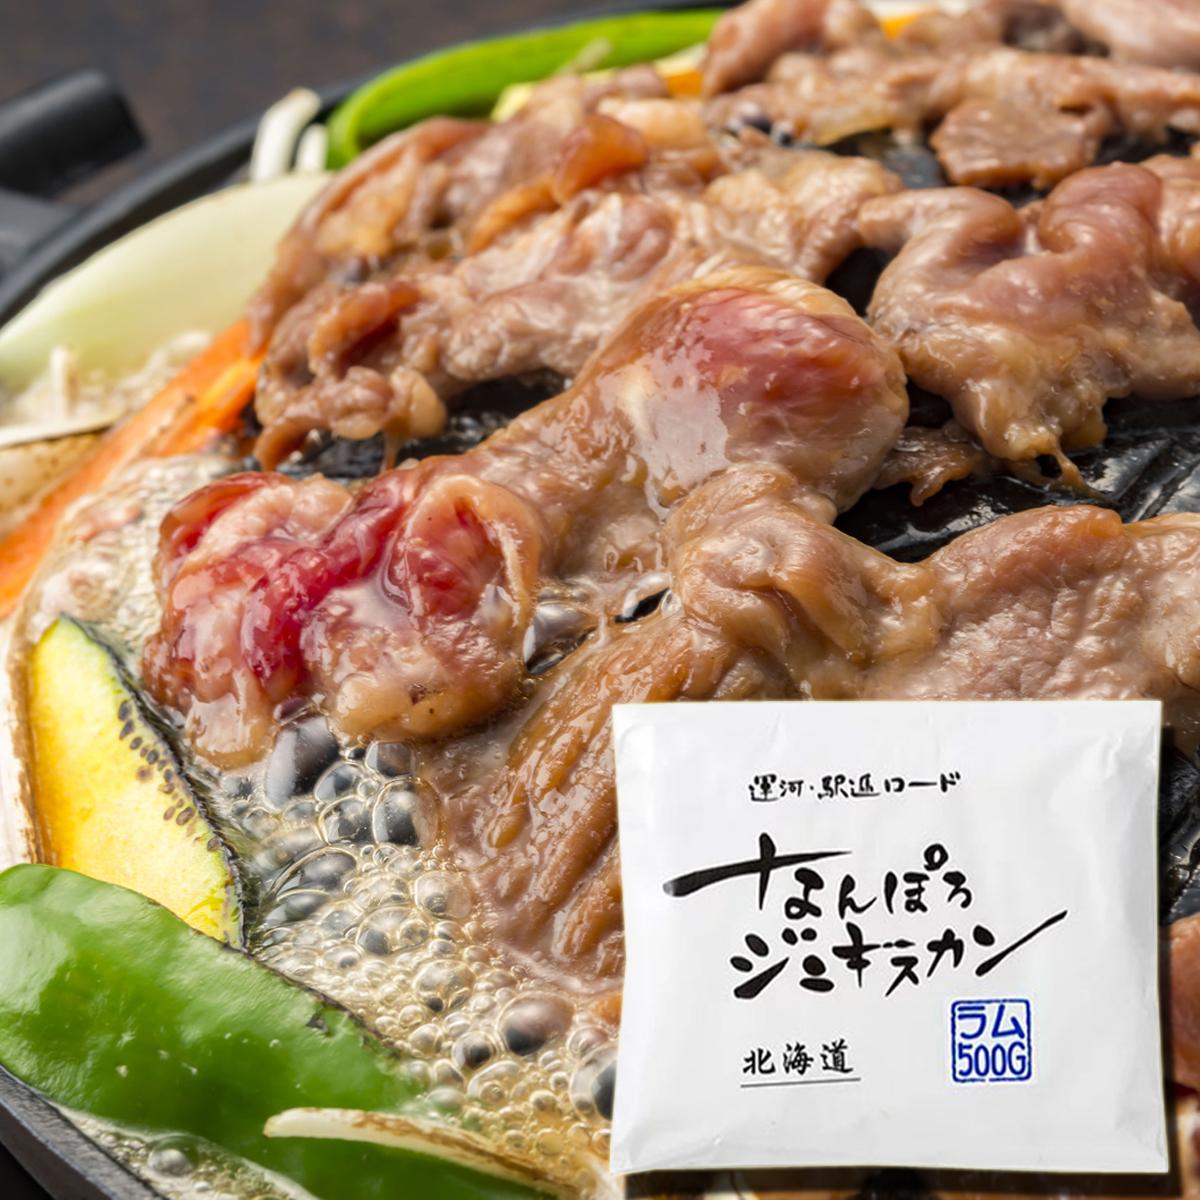 昭和39年から伝統の醤油ベースの秘伝のタレで味付け 8mmのこだわりの厚さで抜群の食感を実現 オーストラリア産の柔らかなラム肉を使用 南幌町直送 なんぽろジンギスカン 期間限定特別価格 ラム 500g 冷凍味付※6個まで送料変わらず ジンギスカン ラム肉 北海道 ギフト BBQ 羊肉 北海道土産 ジンジスカン 焼肉 バーベキュー 味付 たれ 18%OFF 南幌